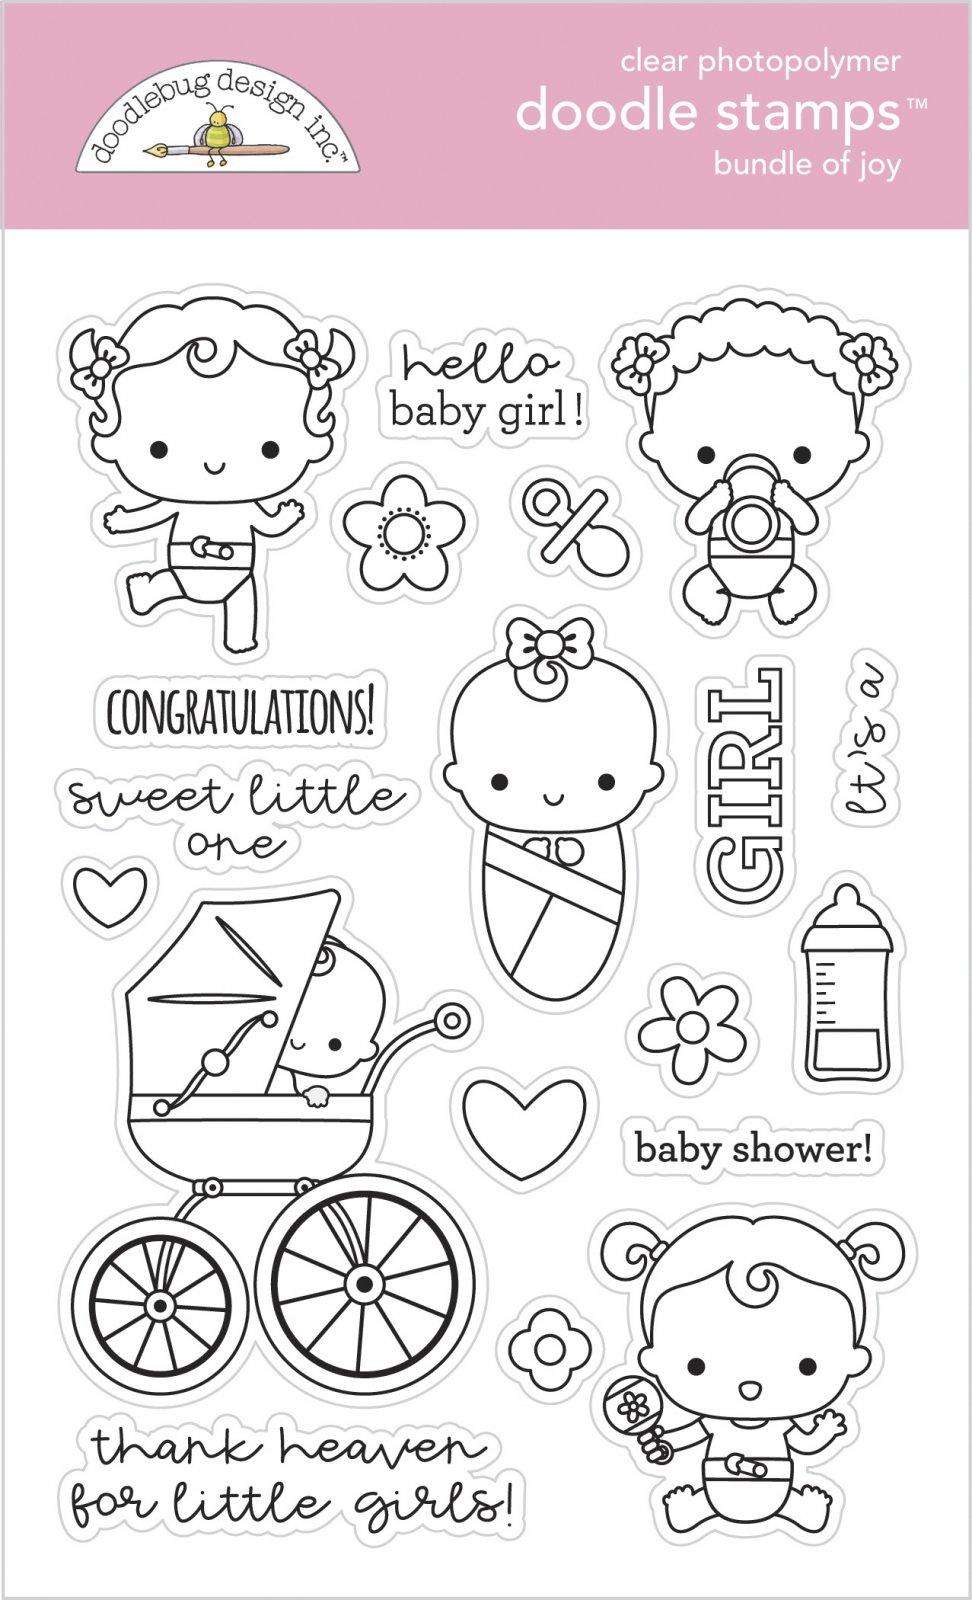 Doodlebug Clear Doodle Stamps-Bundle Of Joy